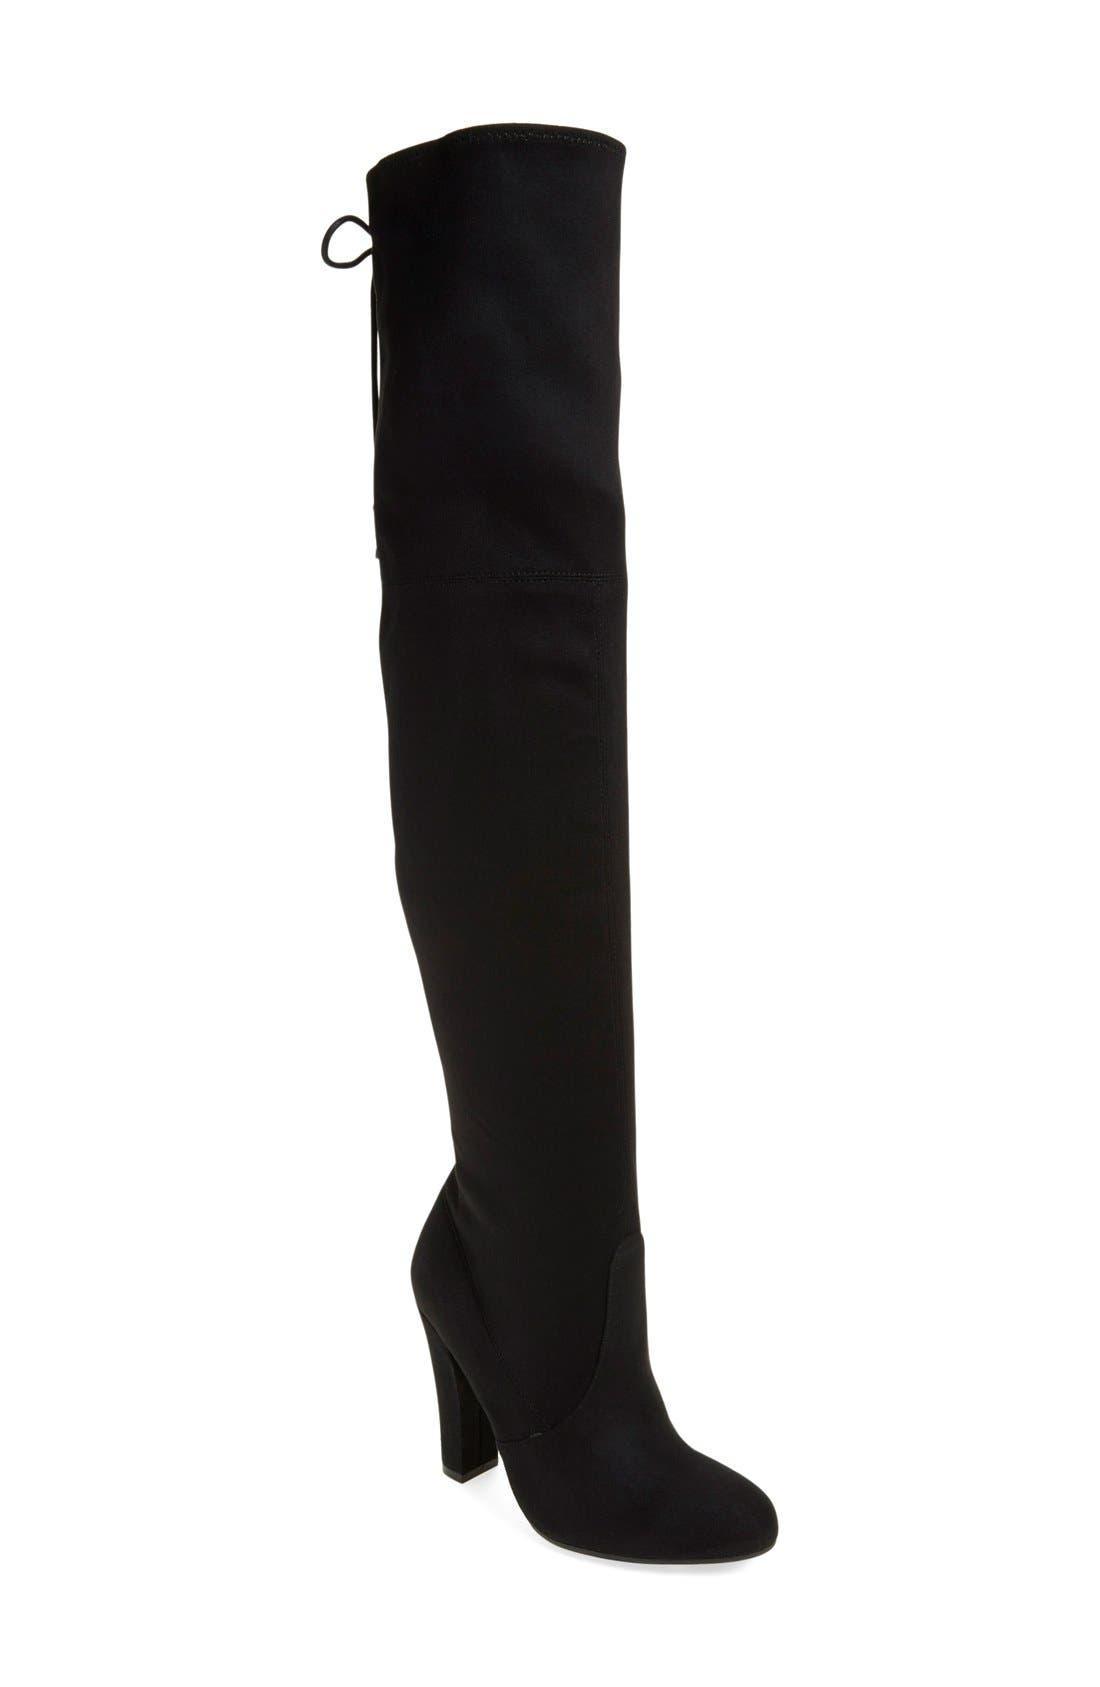 Alternate Image 1 Selected - Steve Madden 'Gleemer' Over the Knee Boot (Women)